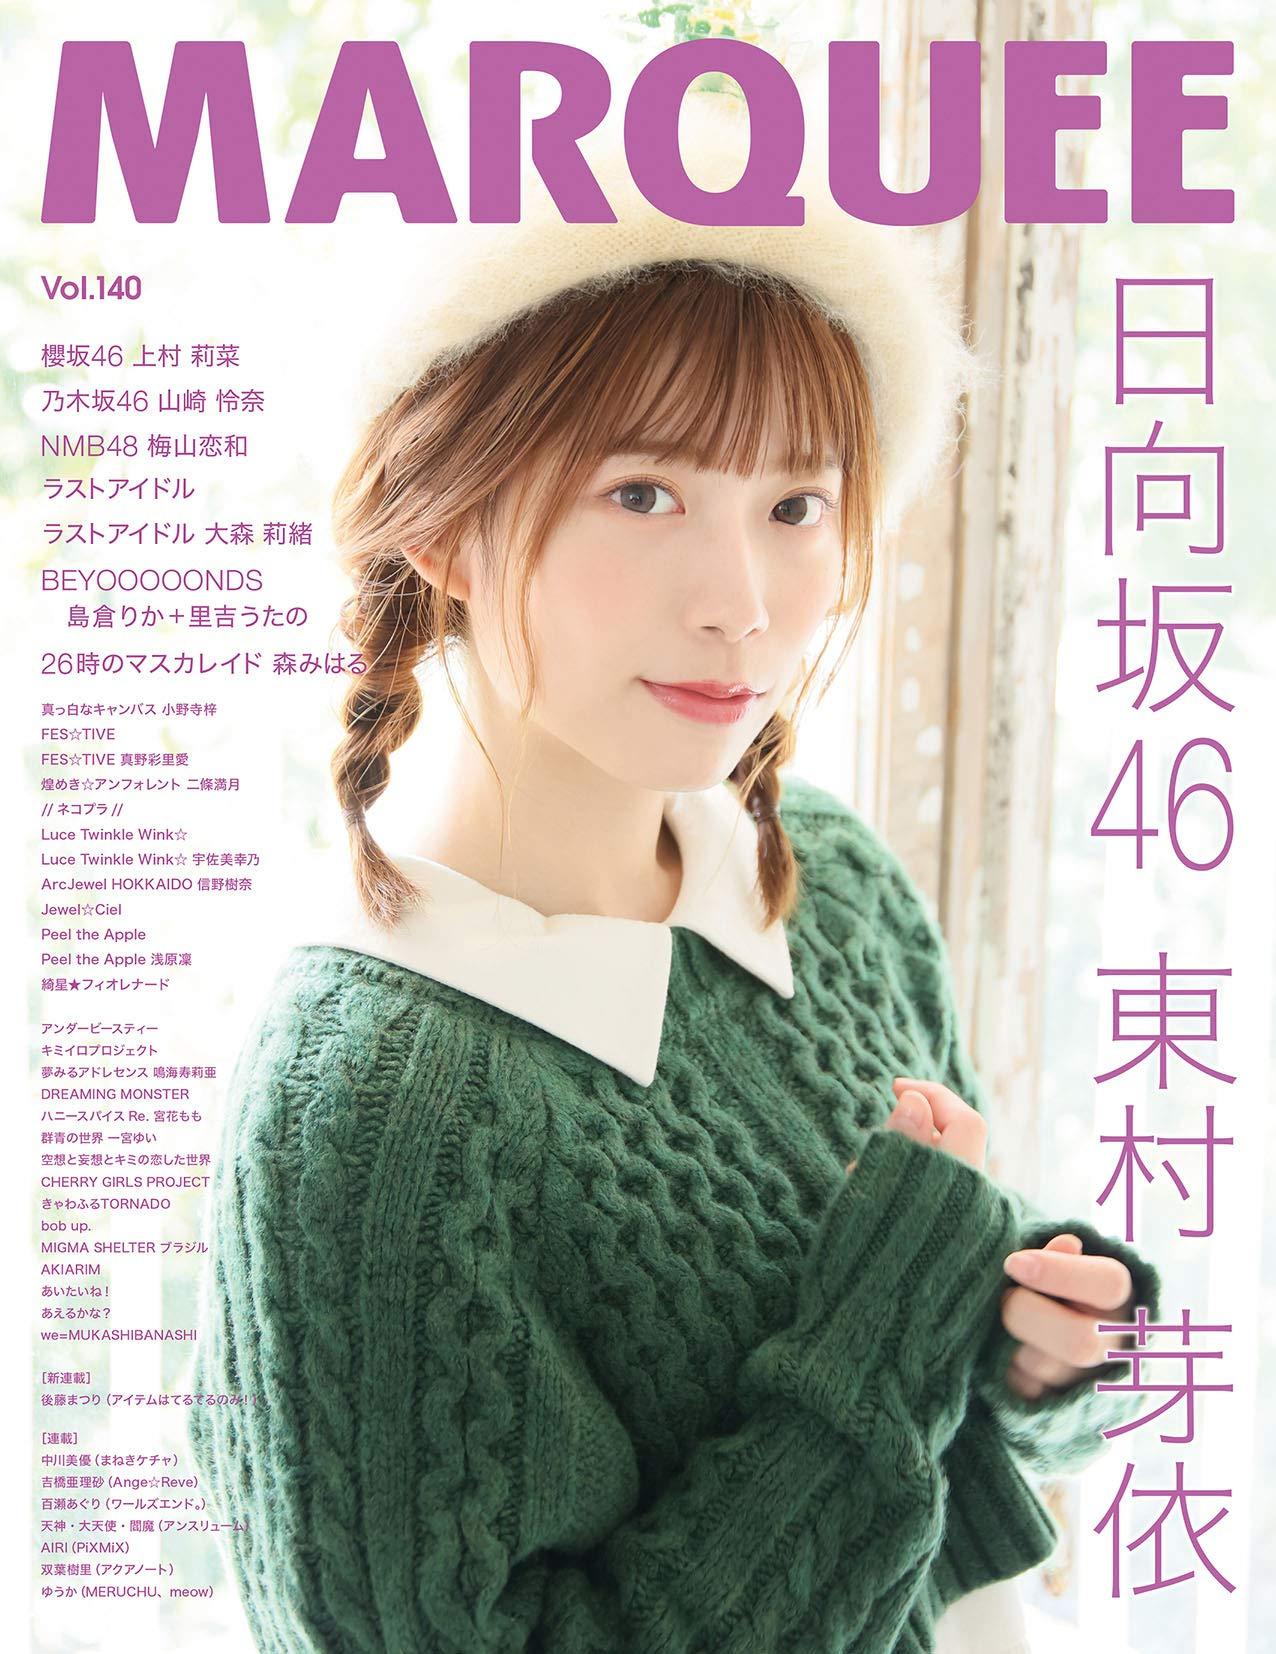 MARQUEE Vol.140 日向坂46 東村芽依